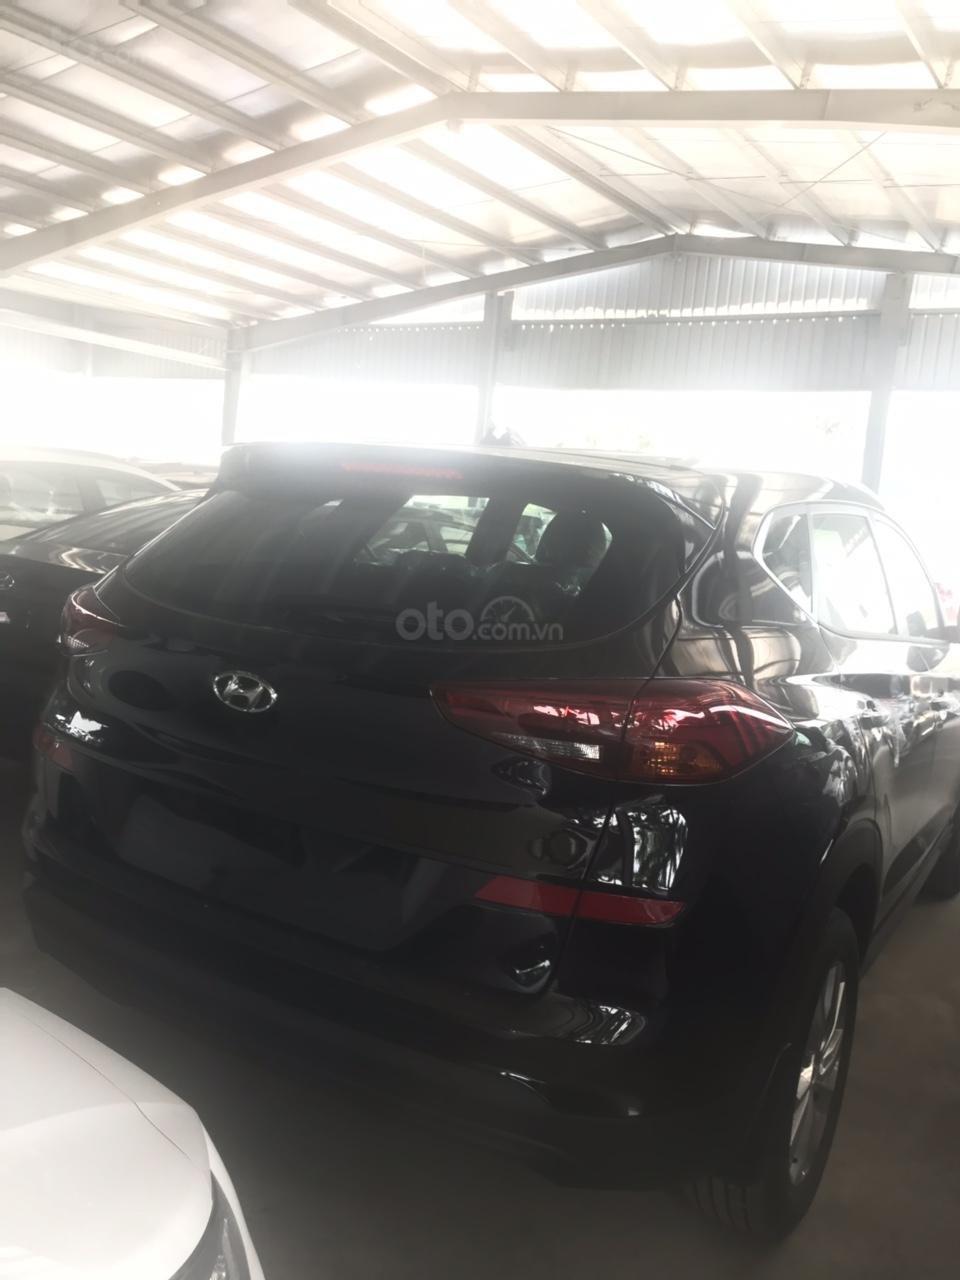 Hyundai Tucson 2019, khuyến mại phụ kiện 15tr, thẻ dịch vụ 20tr, trả góp 80%, giao xe ngay, liên hệ để ép giá 0977308699-6